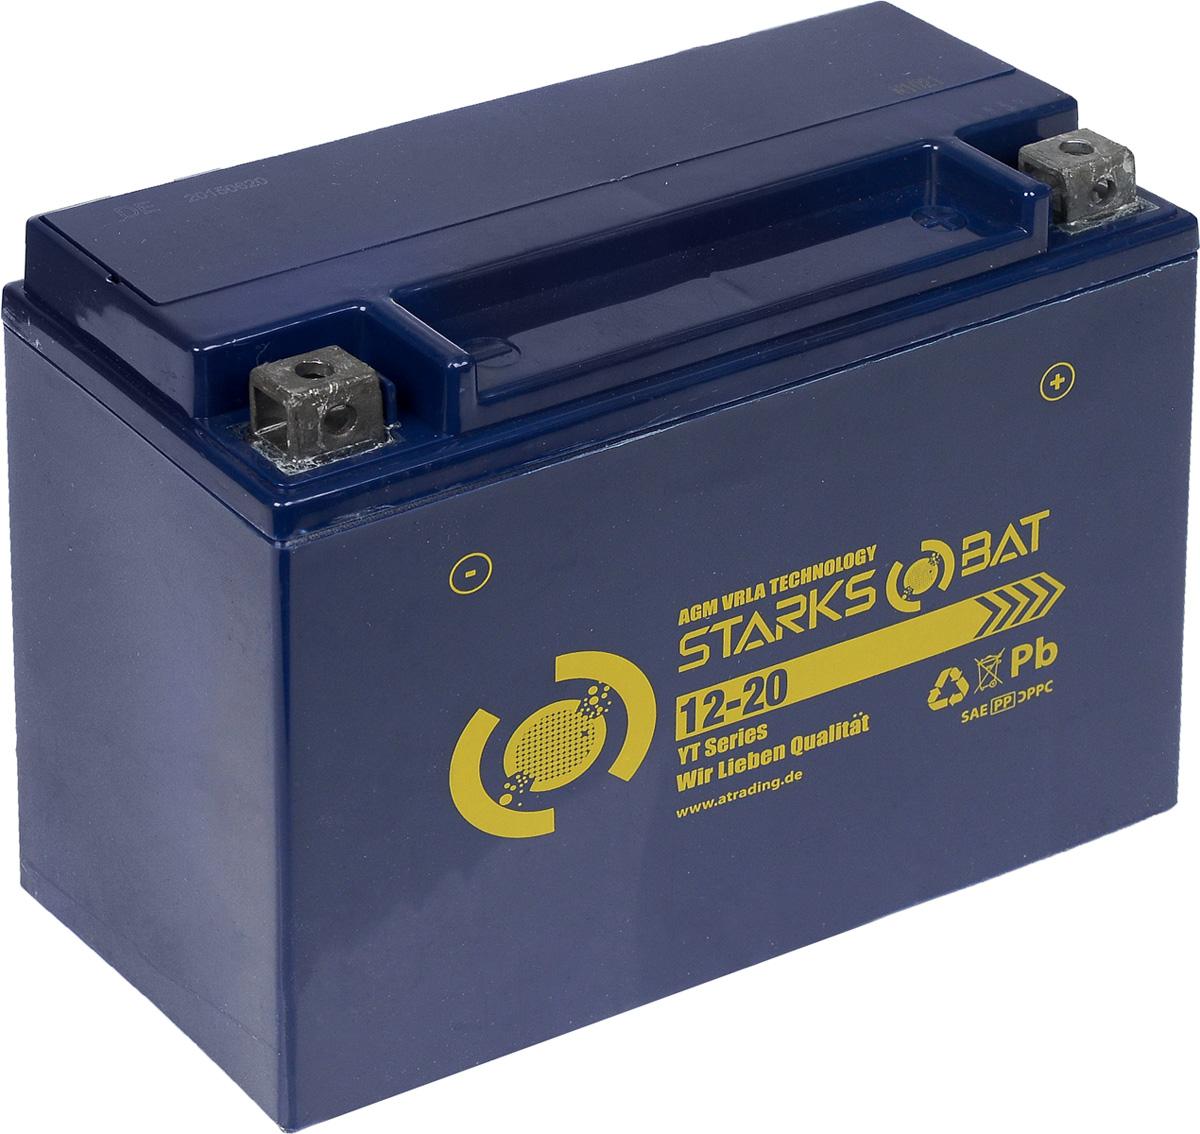 Батарея аккумуляторная для мотоциклов Starksbat. YT 12-20 (YTX24HL-BS)YT 12-20Аккумулятор Starksbat изготовлен по технологии AGM, обеспечивающей повышенный уровень безопасности батареи и удобство ее эксплуатации. Корпус выполнен из особо ударопрочного и морозостойкого полипропилена. Аккумулятор блестяще доказал свои высокие эксплуатационные свойства в самых экстремальных условиях бездорожья, высоких и низких температур.Аккумуляторная батарея Starksbat производится под знаменитым немецким контролем качества, что обеспечивает ему высокие пусковые характеристики и восстановление емкости даже после глубокого разряда.Напряжение: 12 В.Емкость: 20 Ач.Полярность: обратная (- +).Ток холодной прокрутки: 260 Аh (EN).